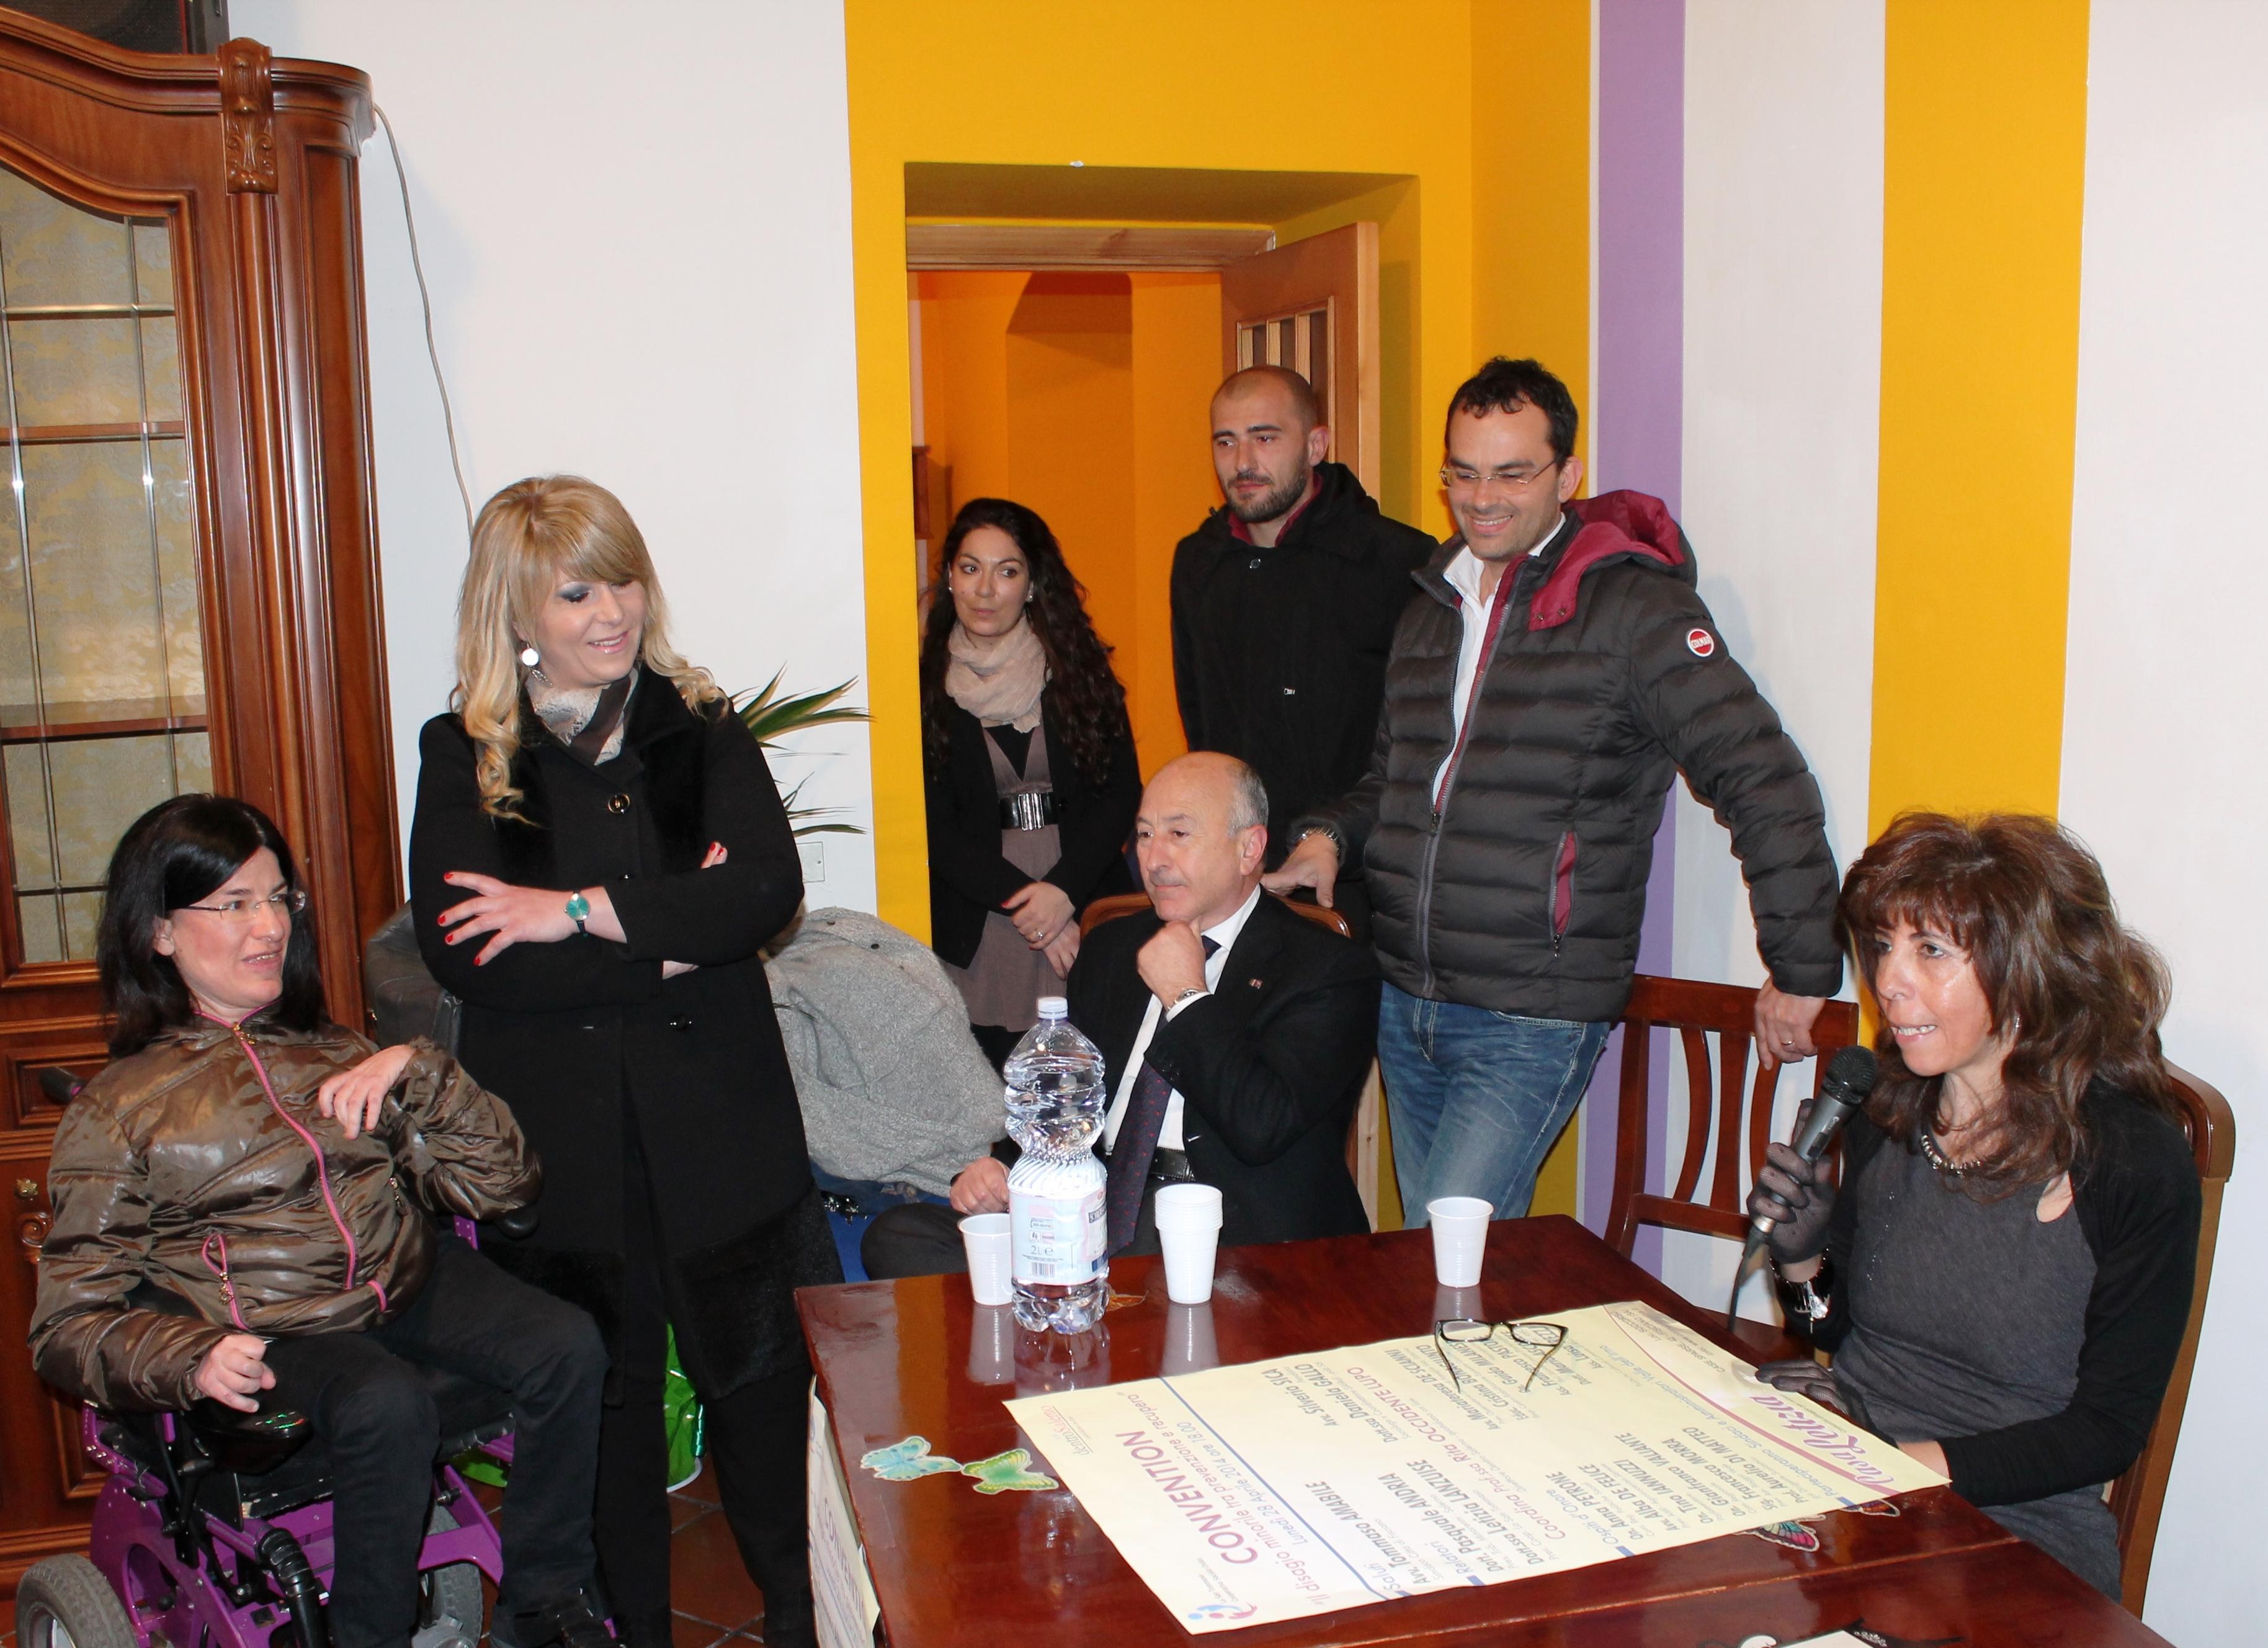 Fisciano casa letizia convention su disagio minorile for Pulizie domestiche salerno